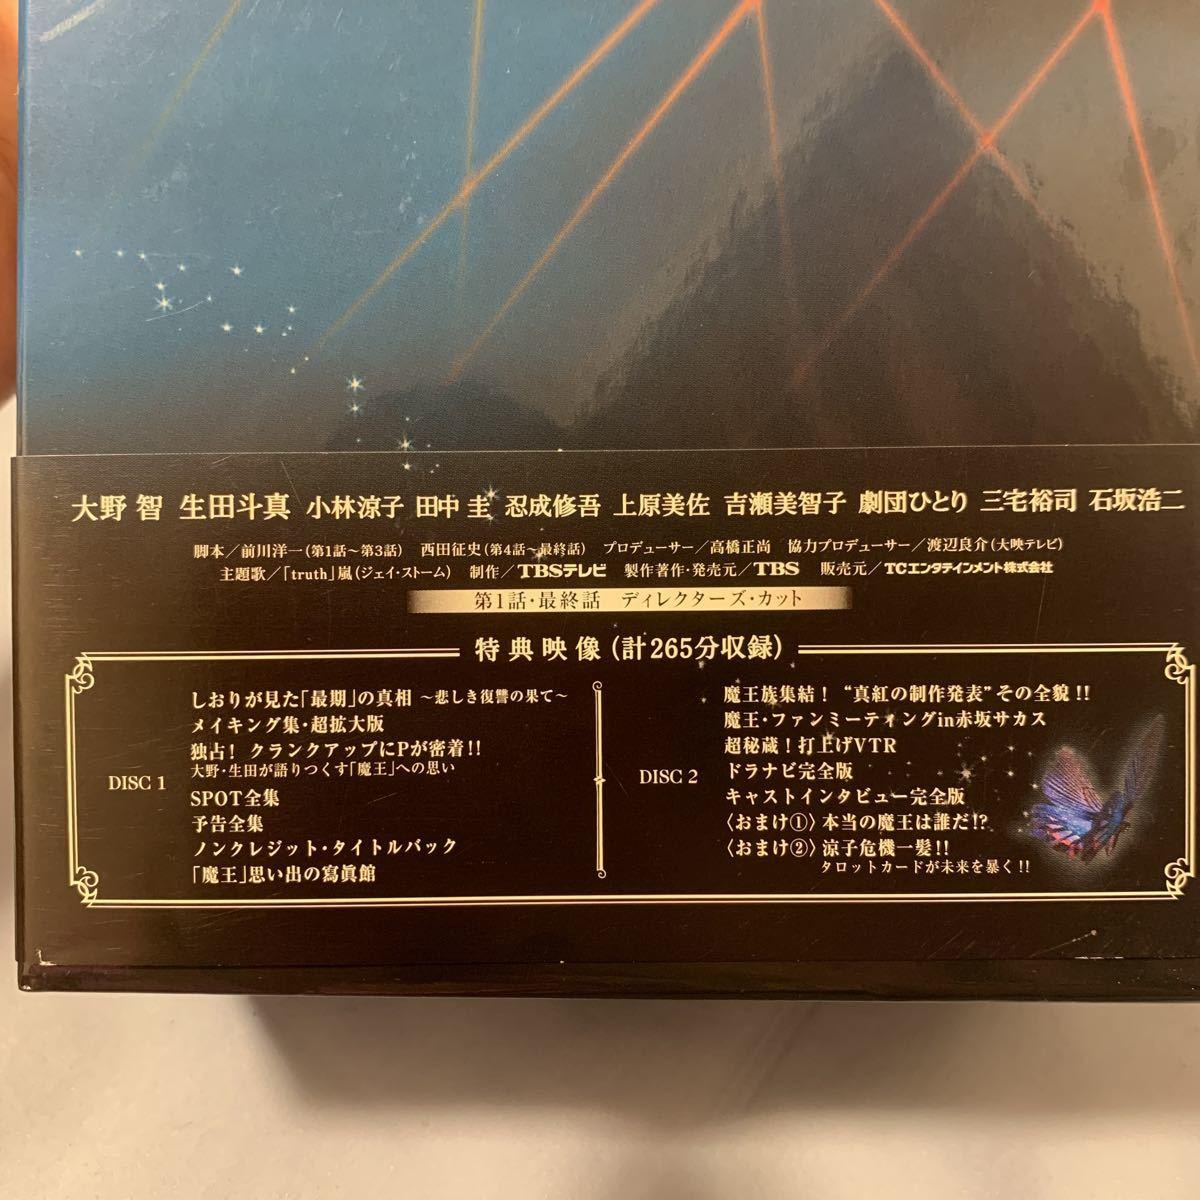 魔王 DVD-BOX 初回生産限定 プレミアム・ブックレット50P封入 DVD8枚組 2009年購入 大野智 生田斗真 ダブル主演 2回再生歴あり DVDボックス